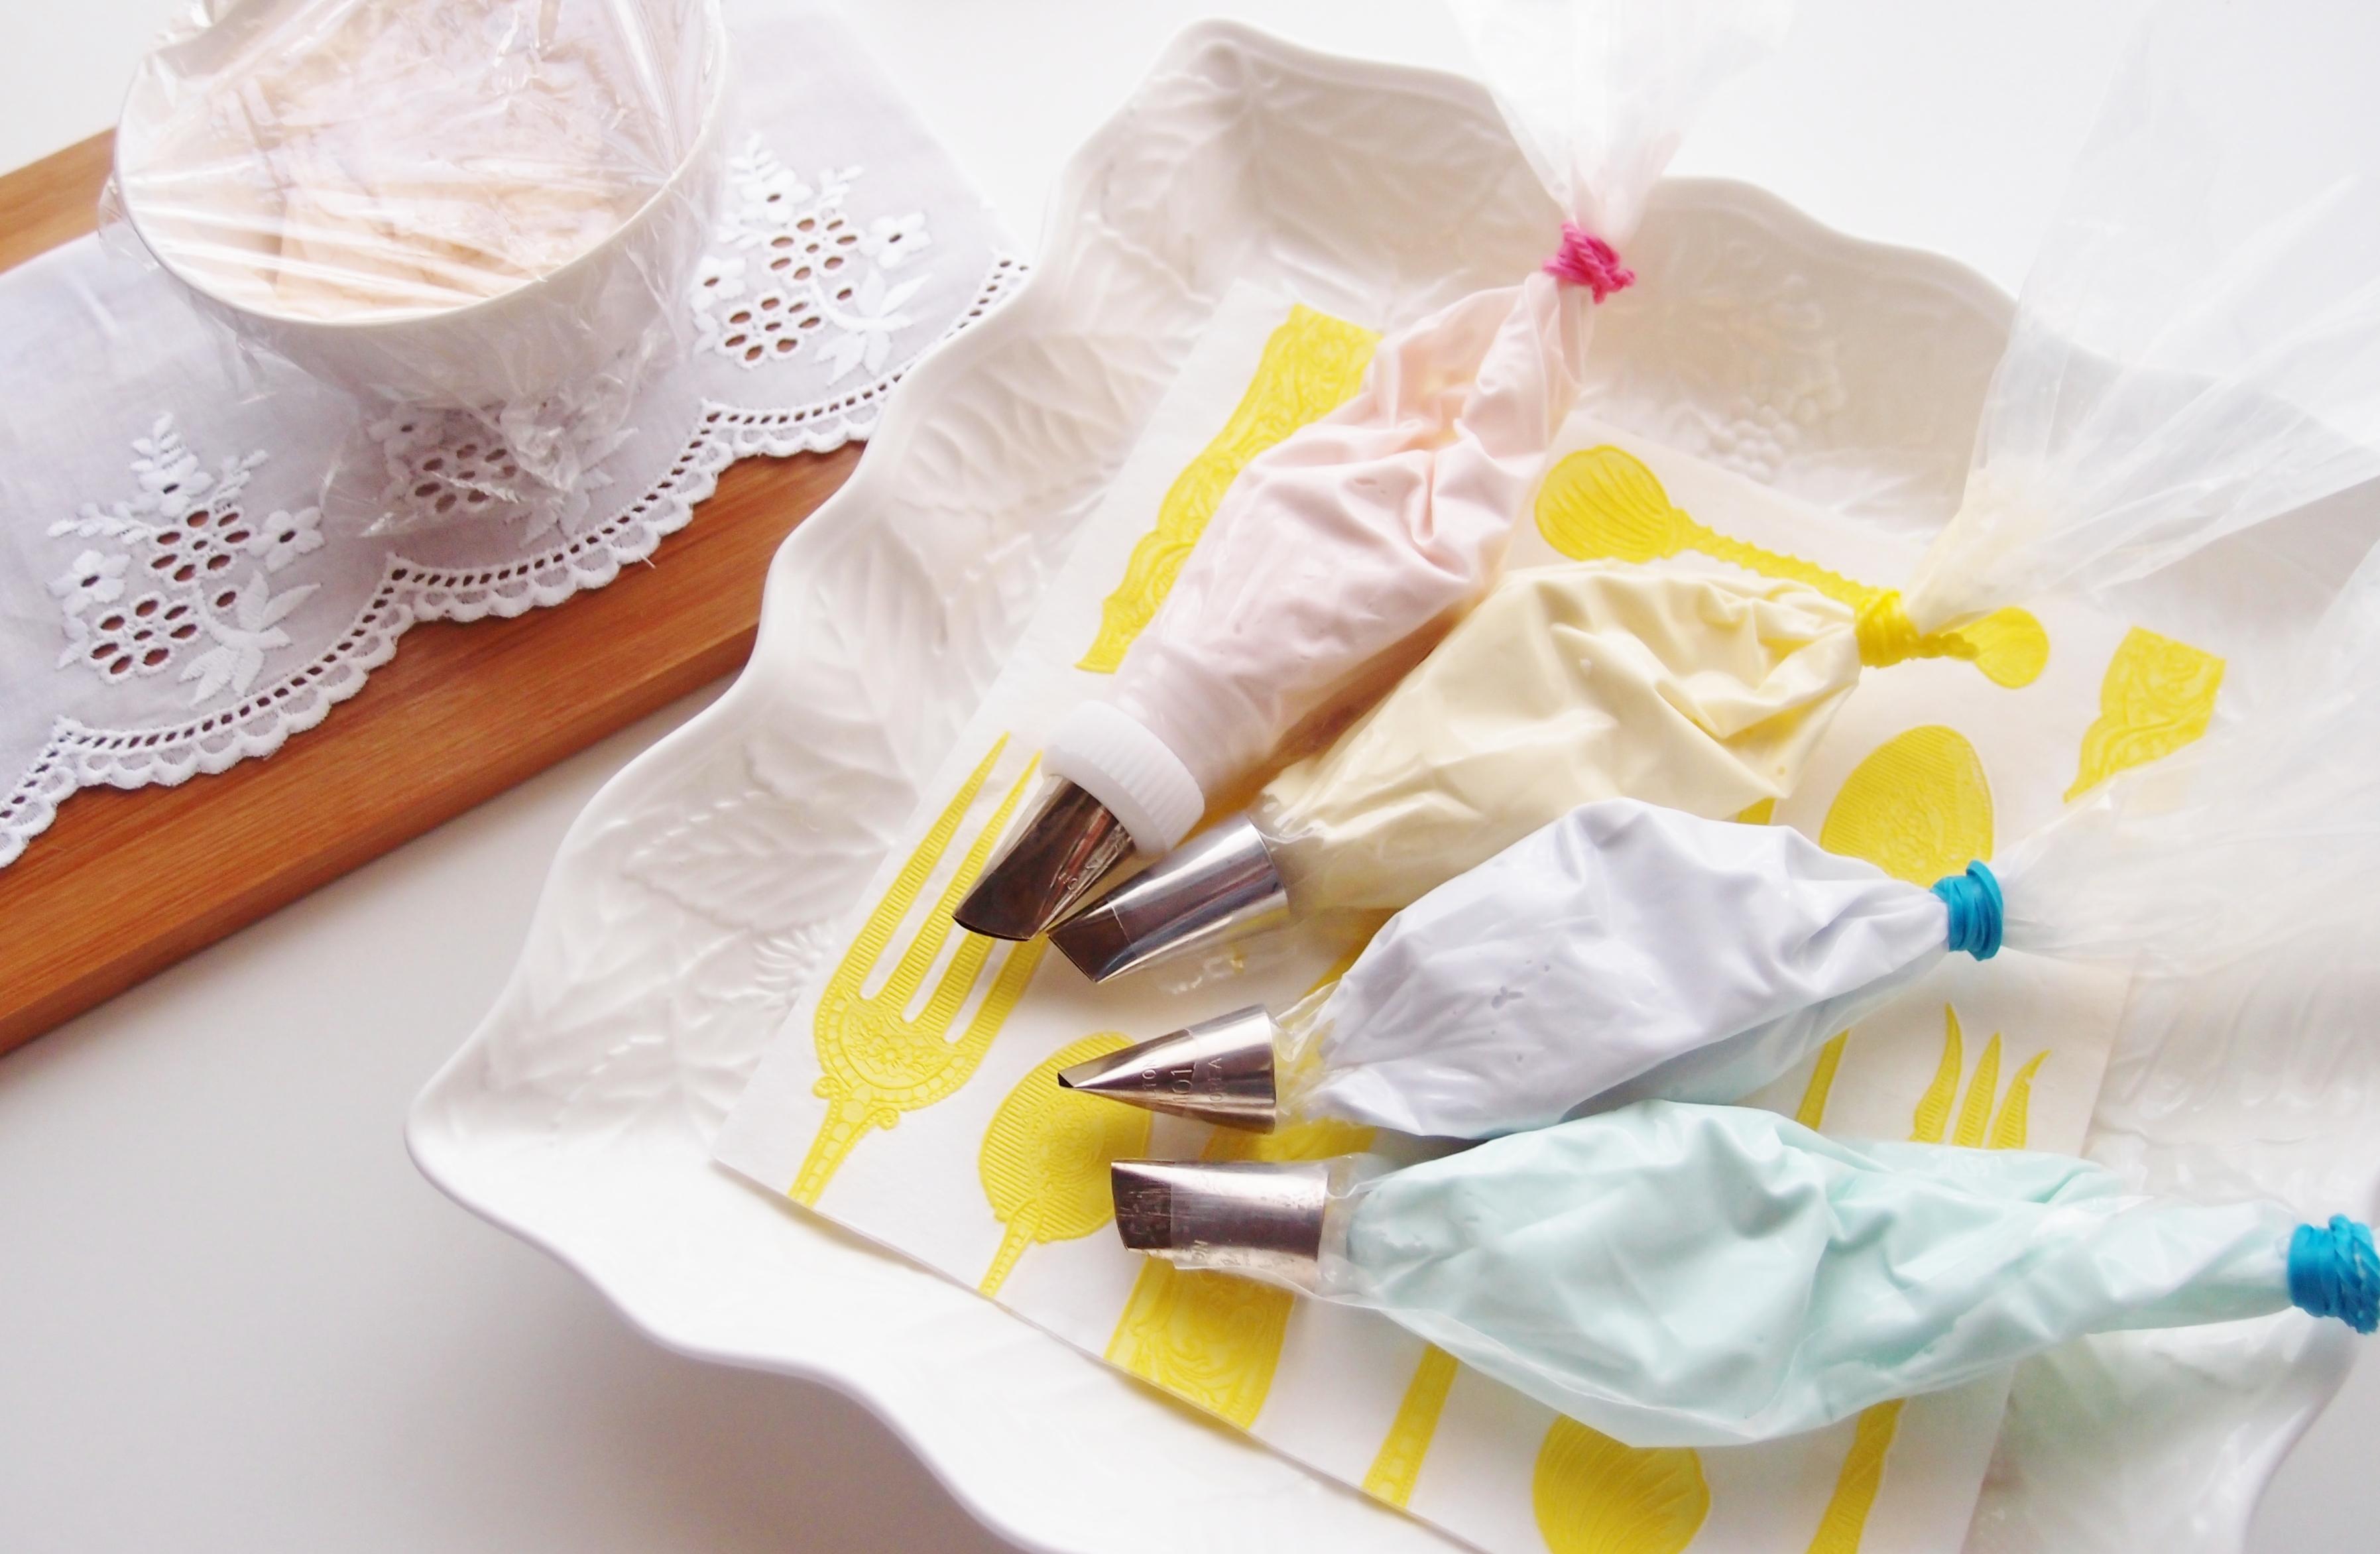 パイピングバッグ(絞り袋)にアイシングを簡単・きれいに詰める方法